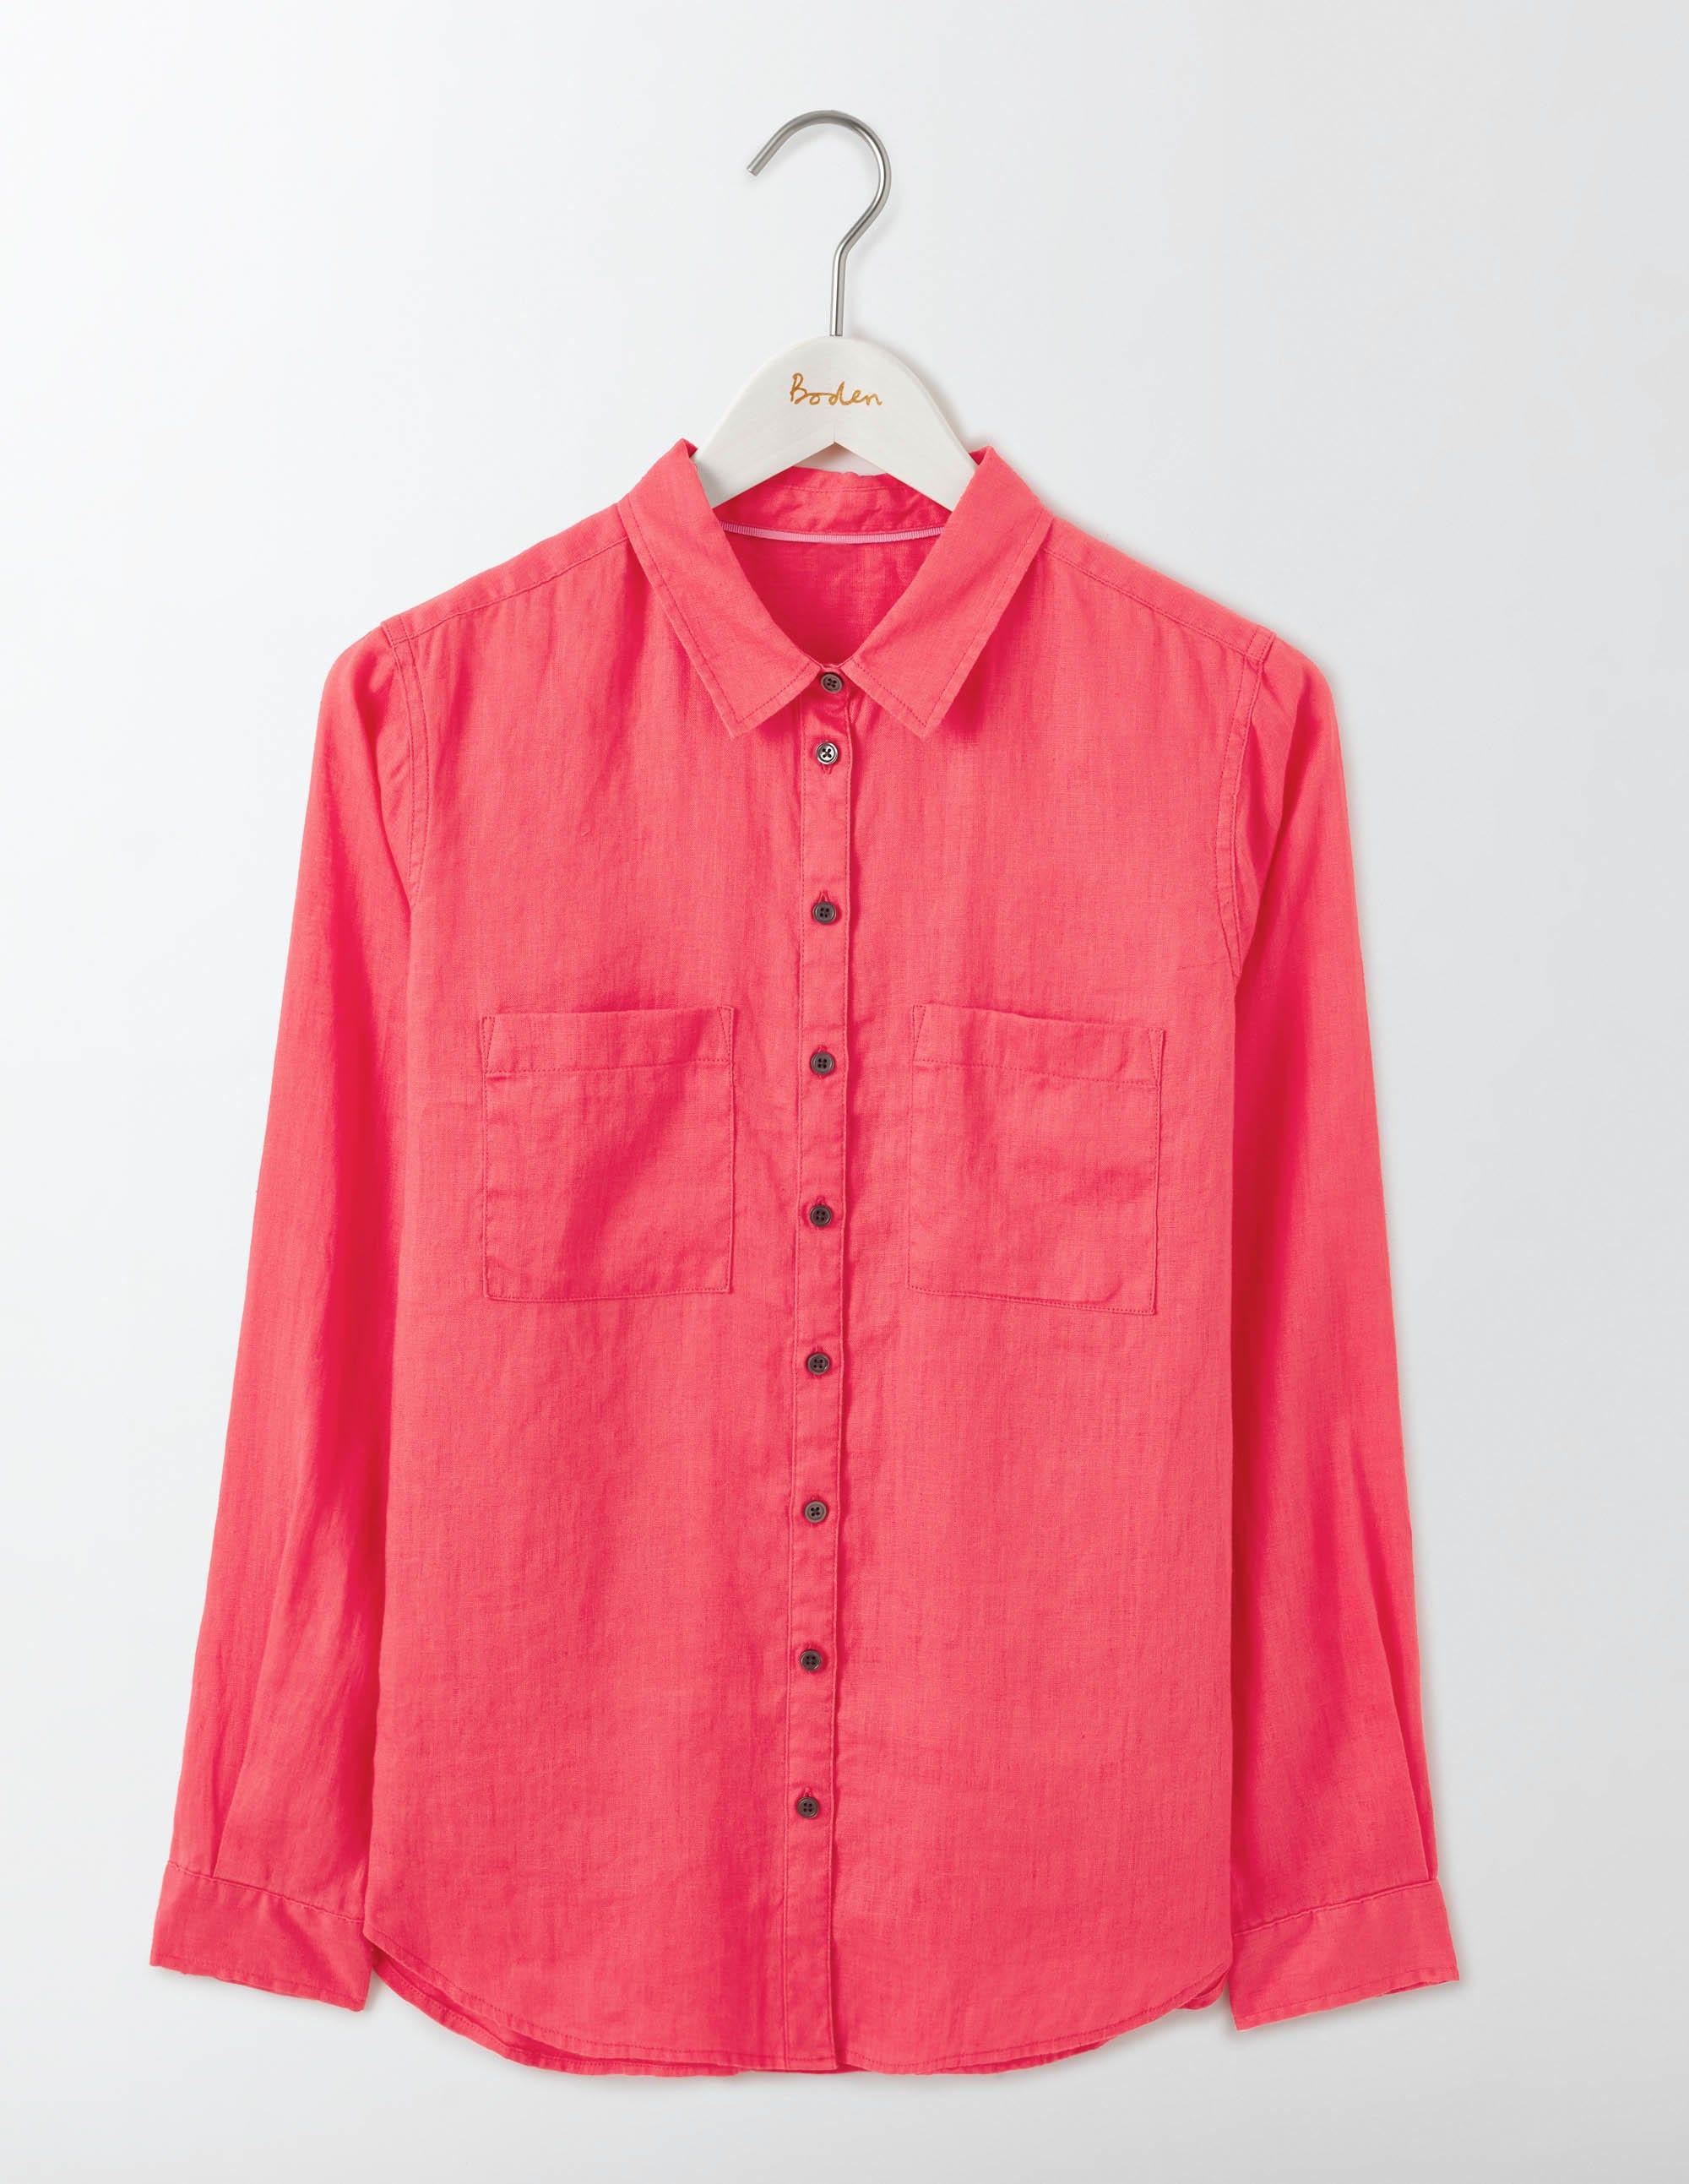 La chemise en lin Pink Femme Boden